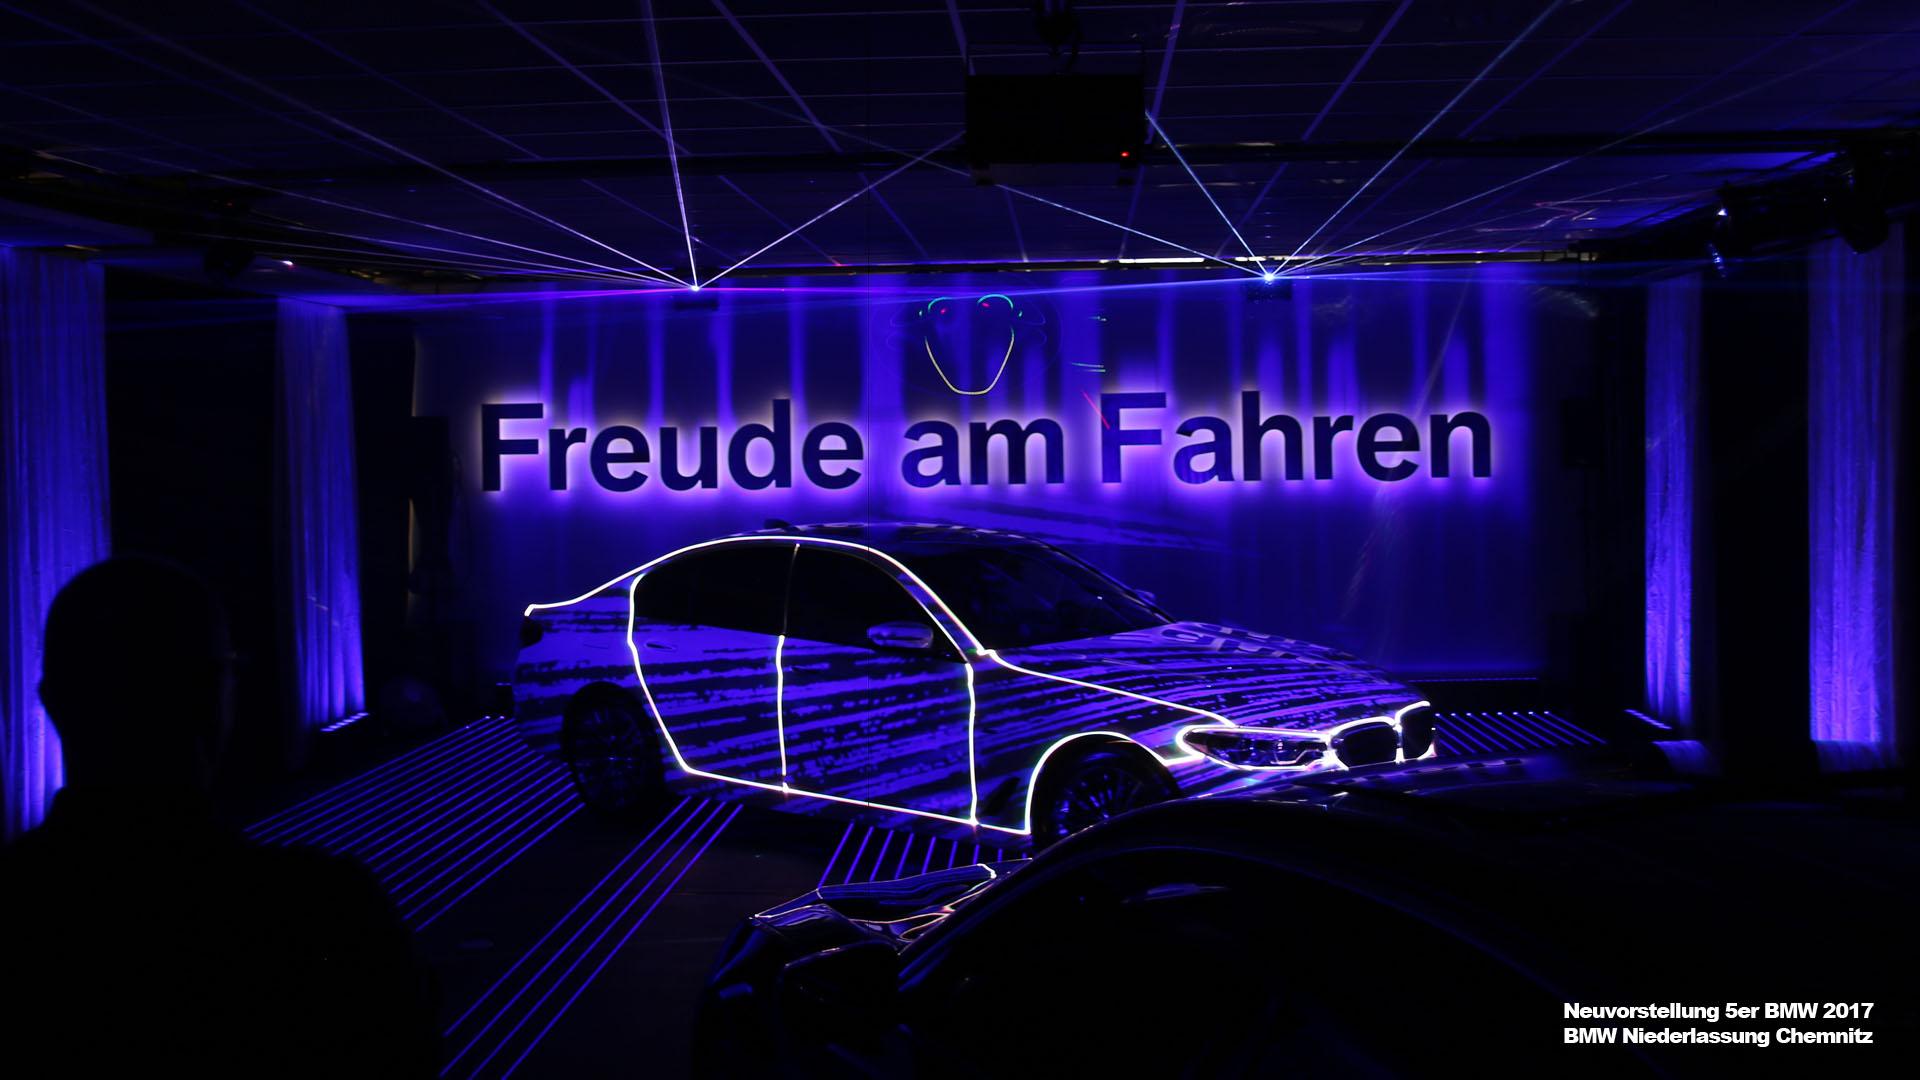 Neuvorstellung-5er-BMW